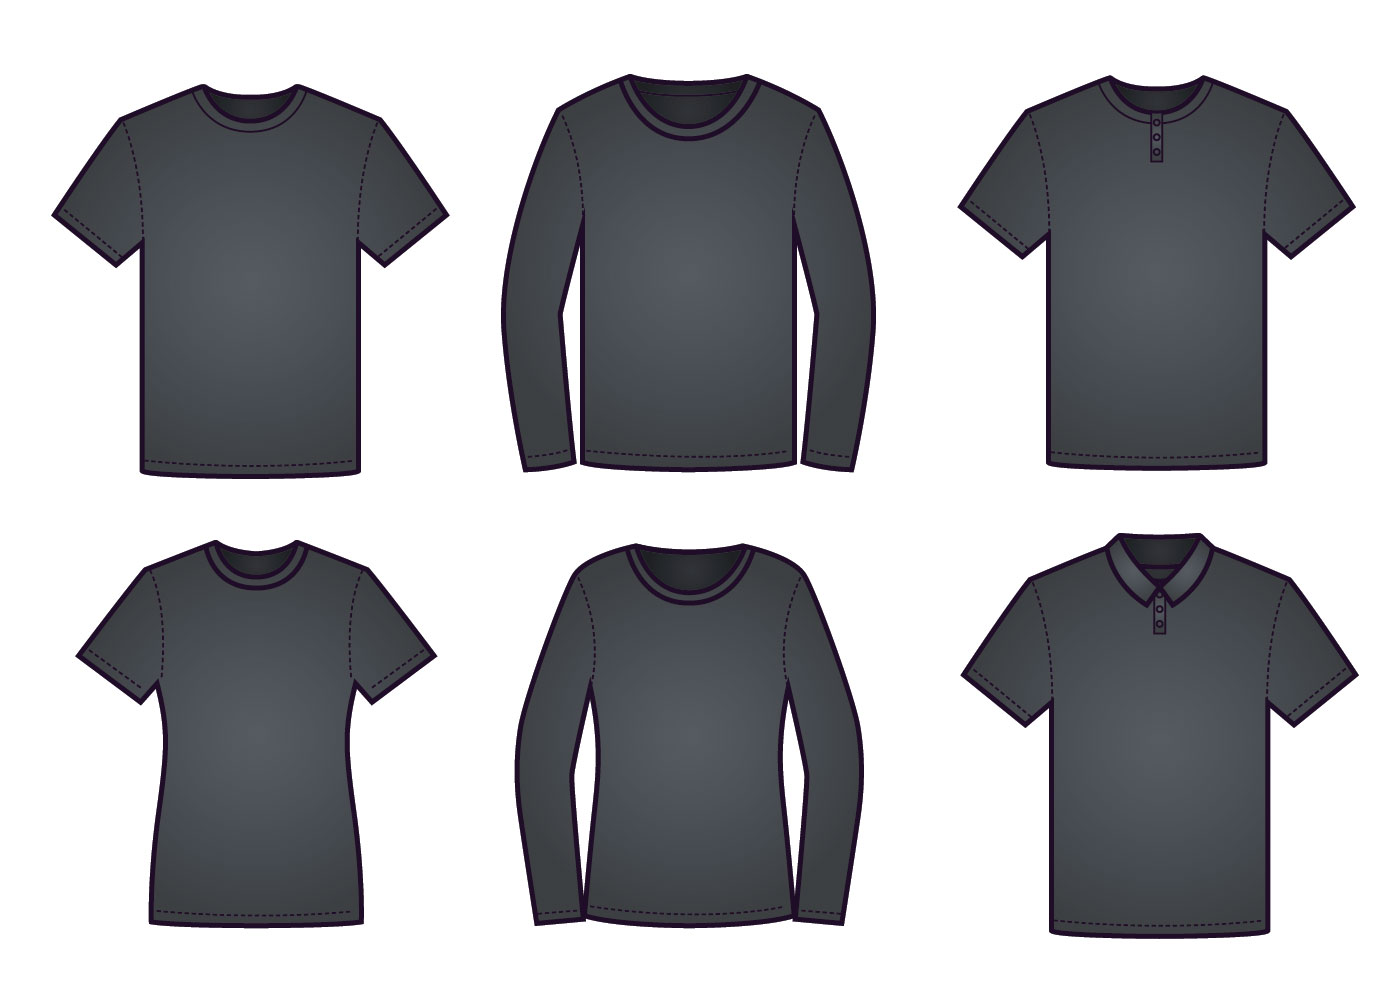 t shirt design template tryprodermagenix org